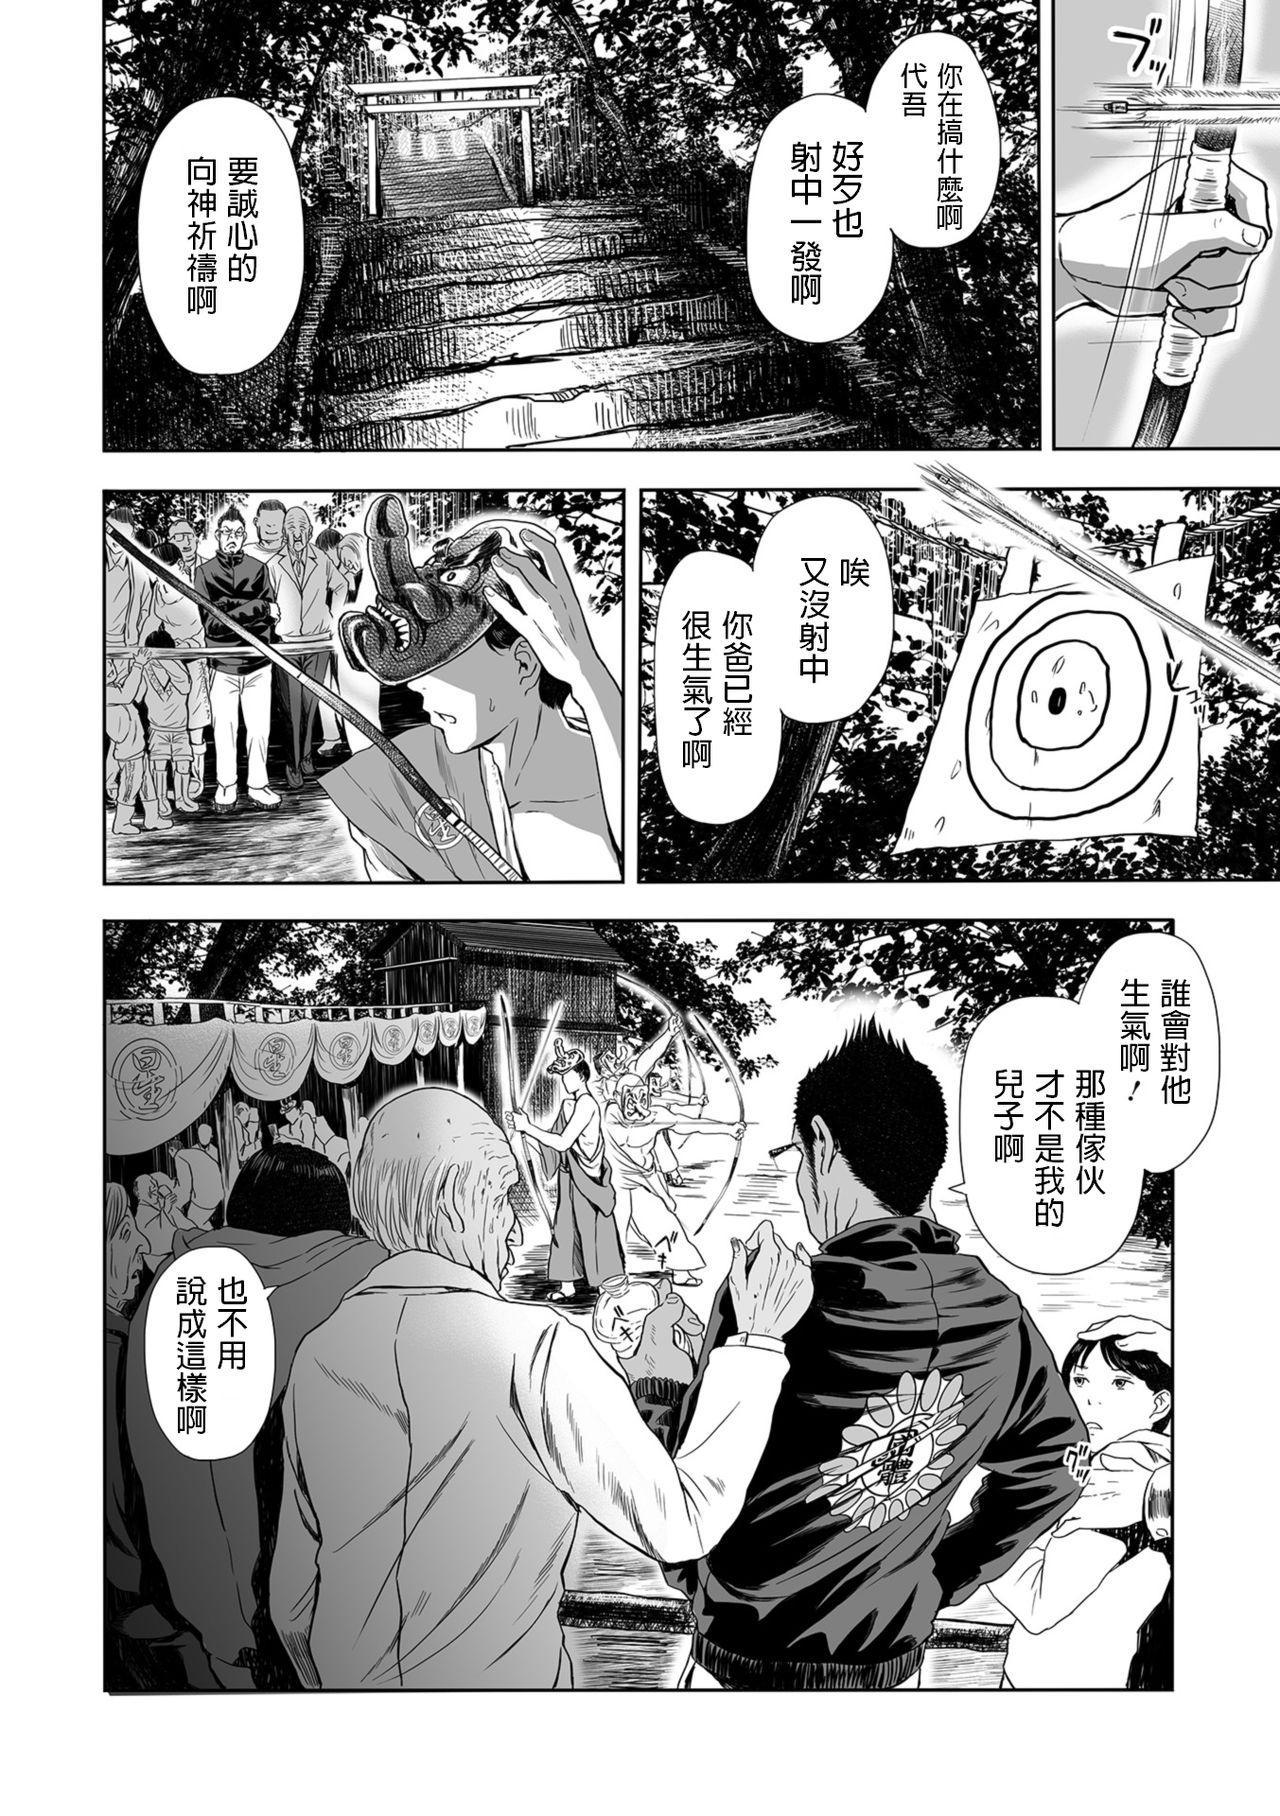 Gibo no Inketsu o Inuku wa Hikishiborareta Musuko no Ya 9